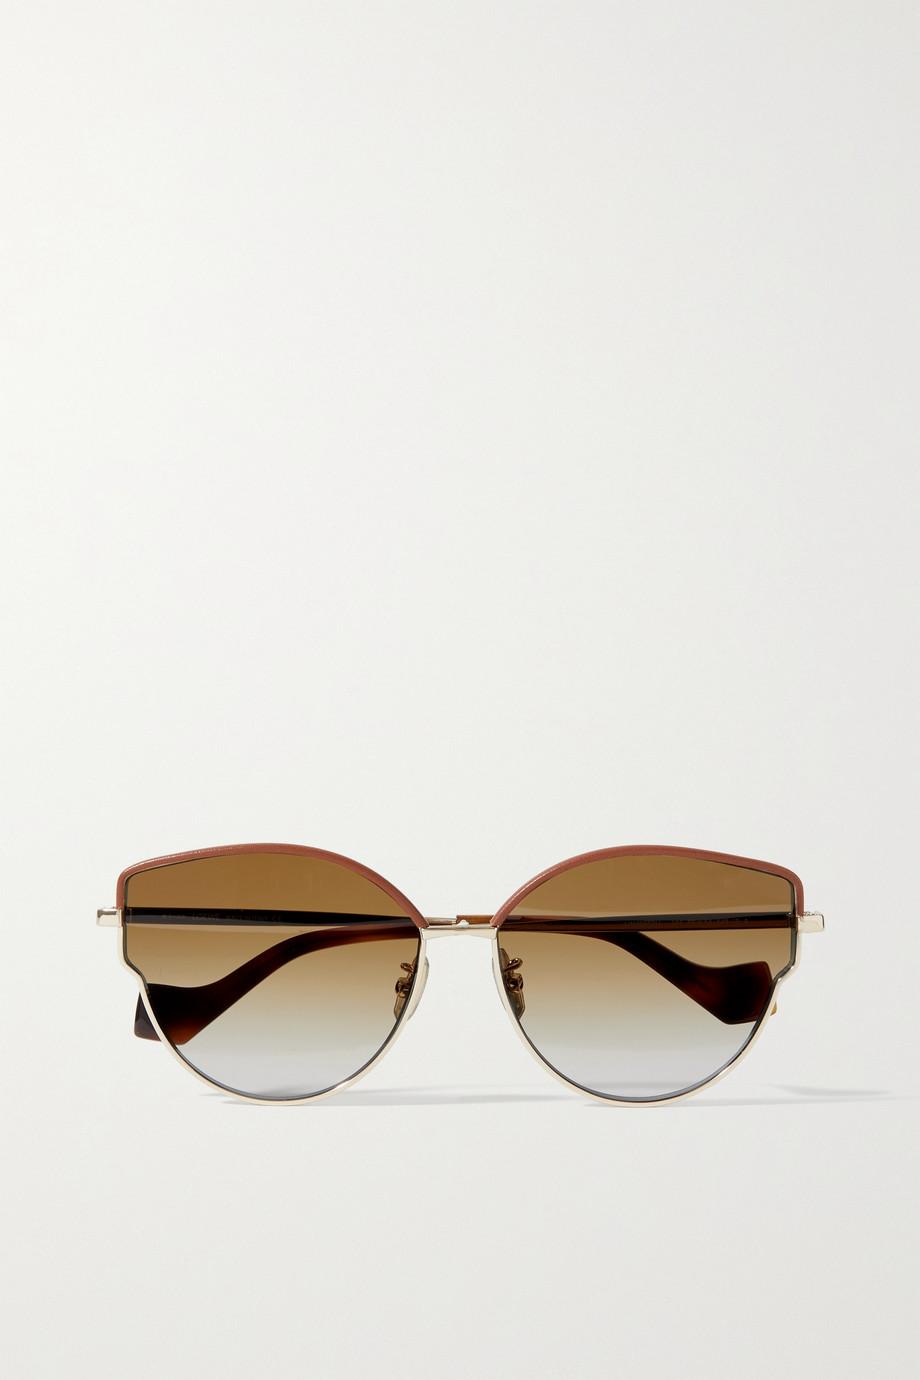 Loewe Goldfarbene Cat-Eye-Sonnenbrille mit Details aus Azetat in Hornoptik und Lederbesätzen